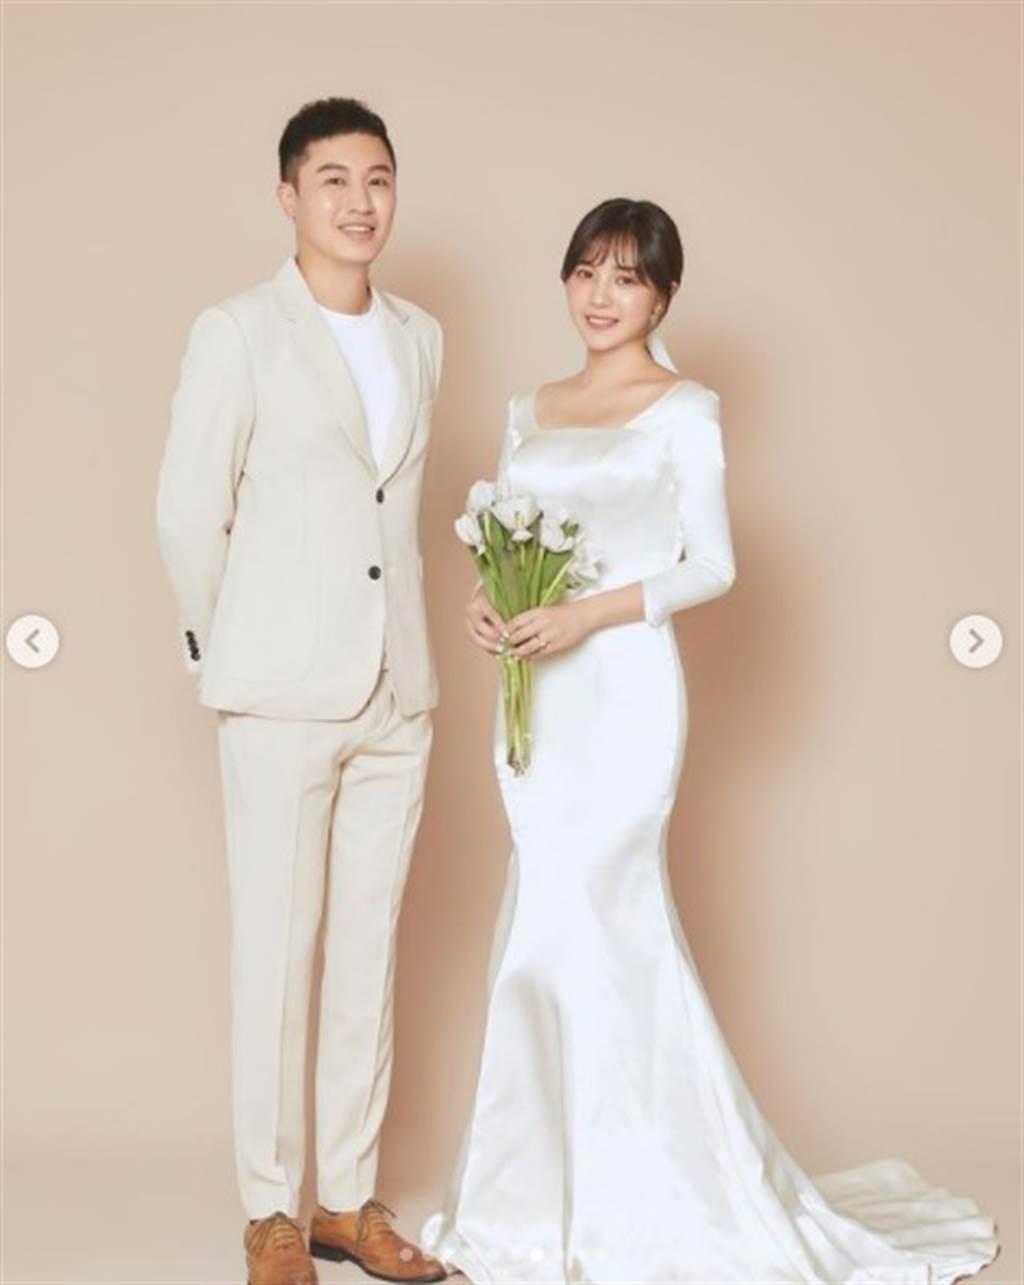 虞承璇今年10月成為新手人妻。(圖/IG@虞承璇)